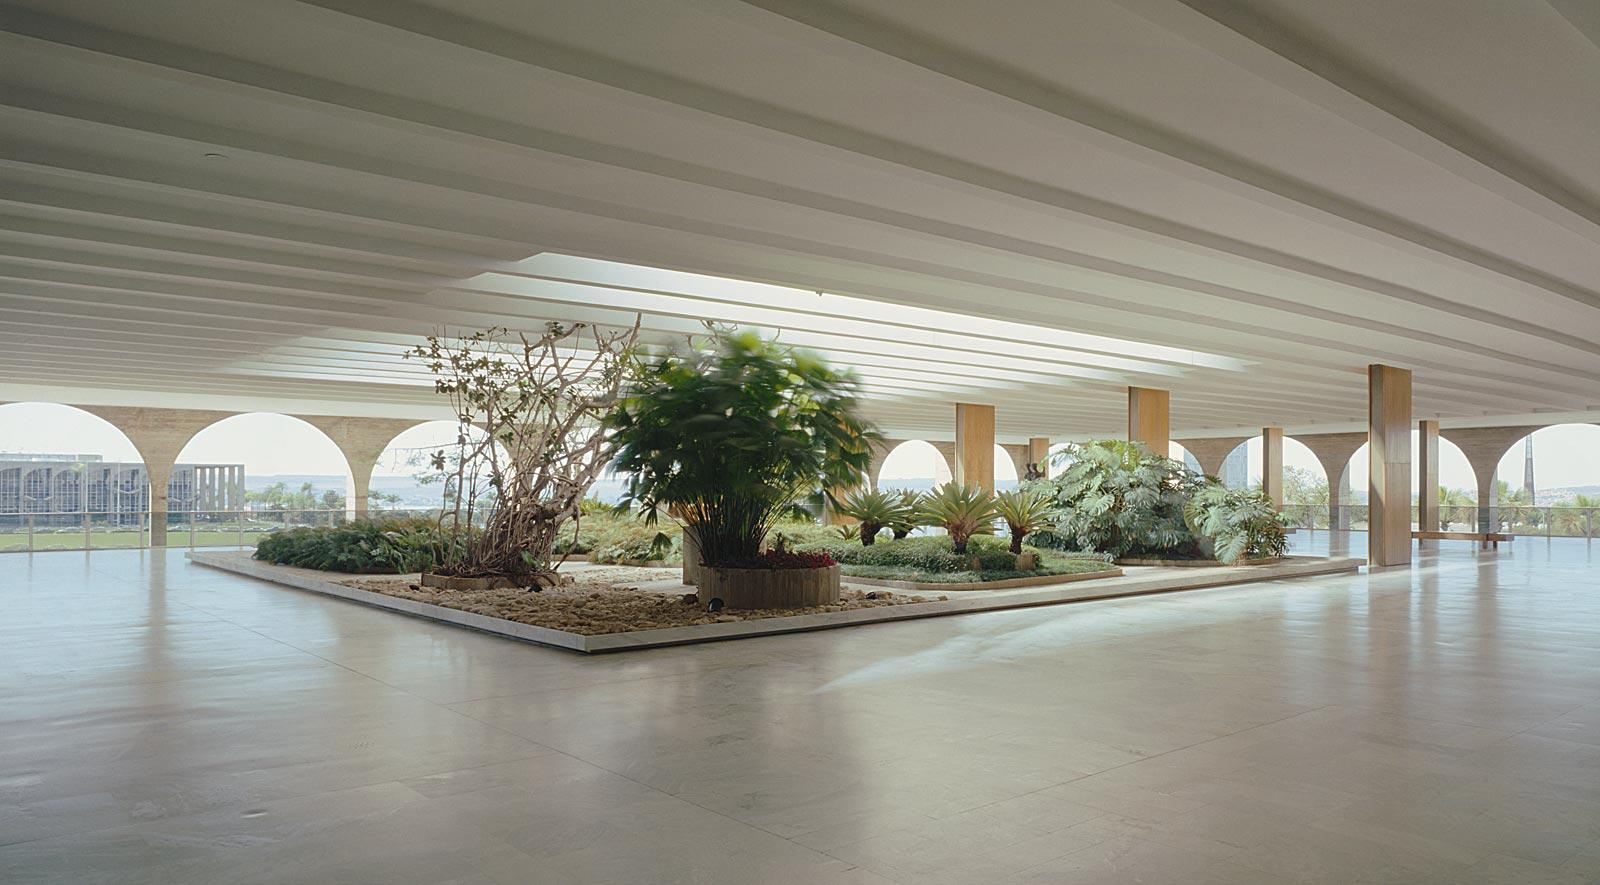 Jardim Interno, Palácio Itamaraty, Brasilia